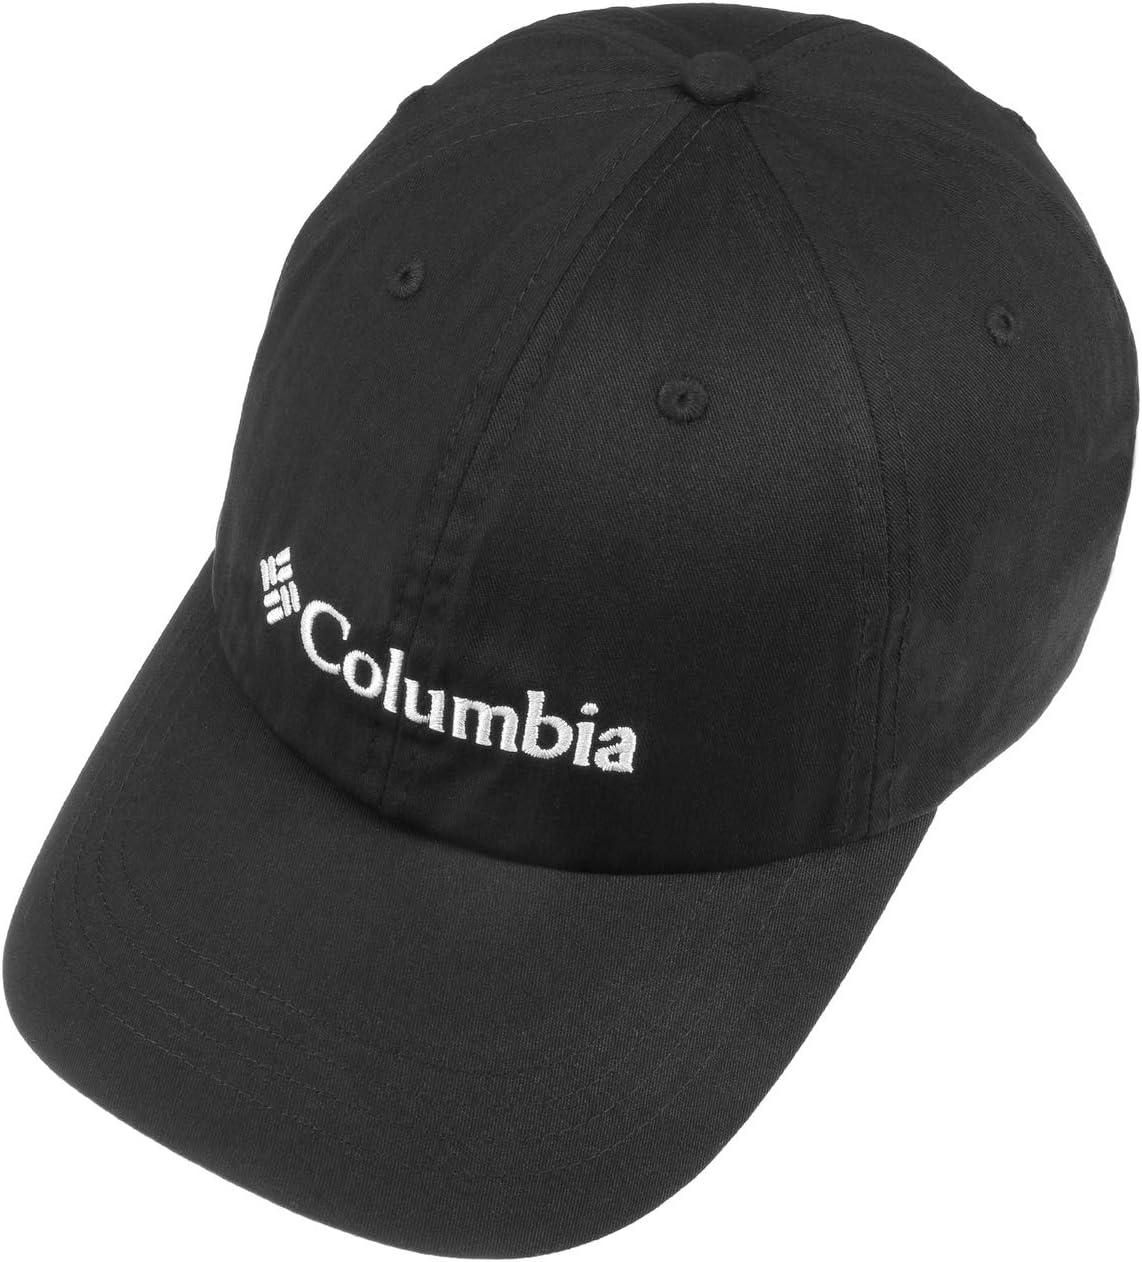 Columbia Unisex ROC Ii Cap